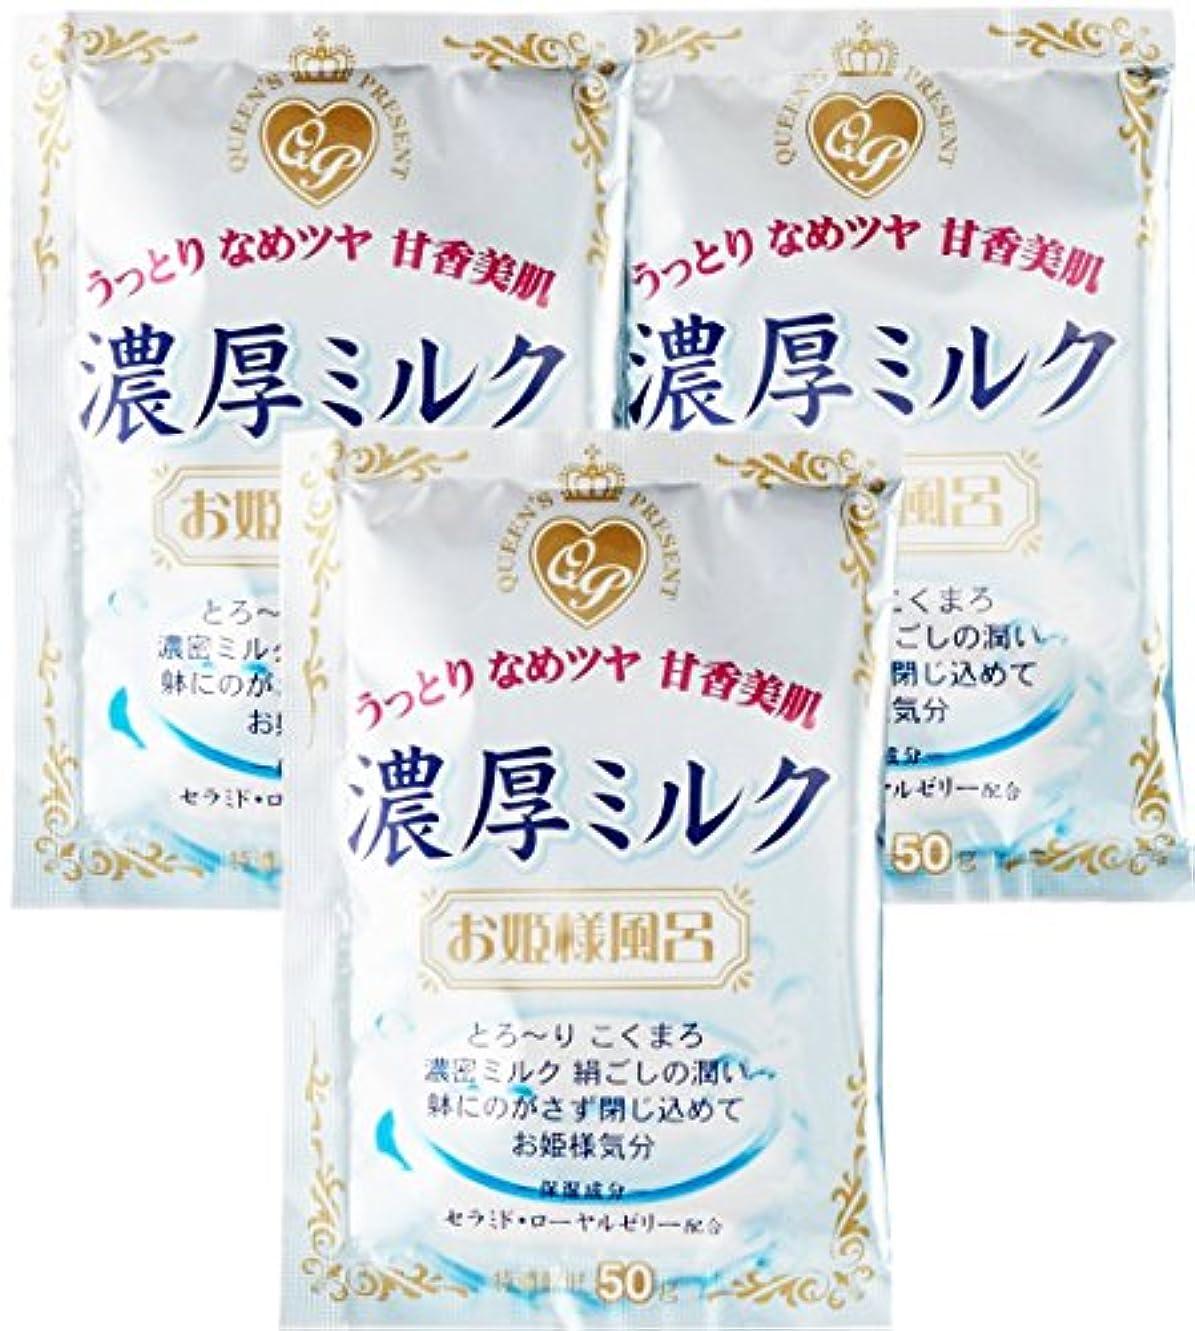 ダンプブランド蜂紀陽除虫菊 『入浴剤 まとめ買い』 お姫様風呂 濃厚ミルク 3包セット